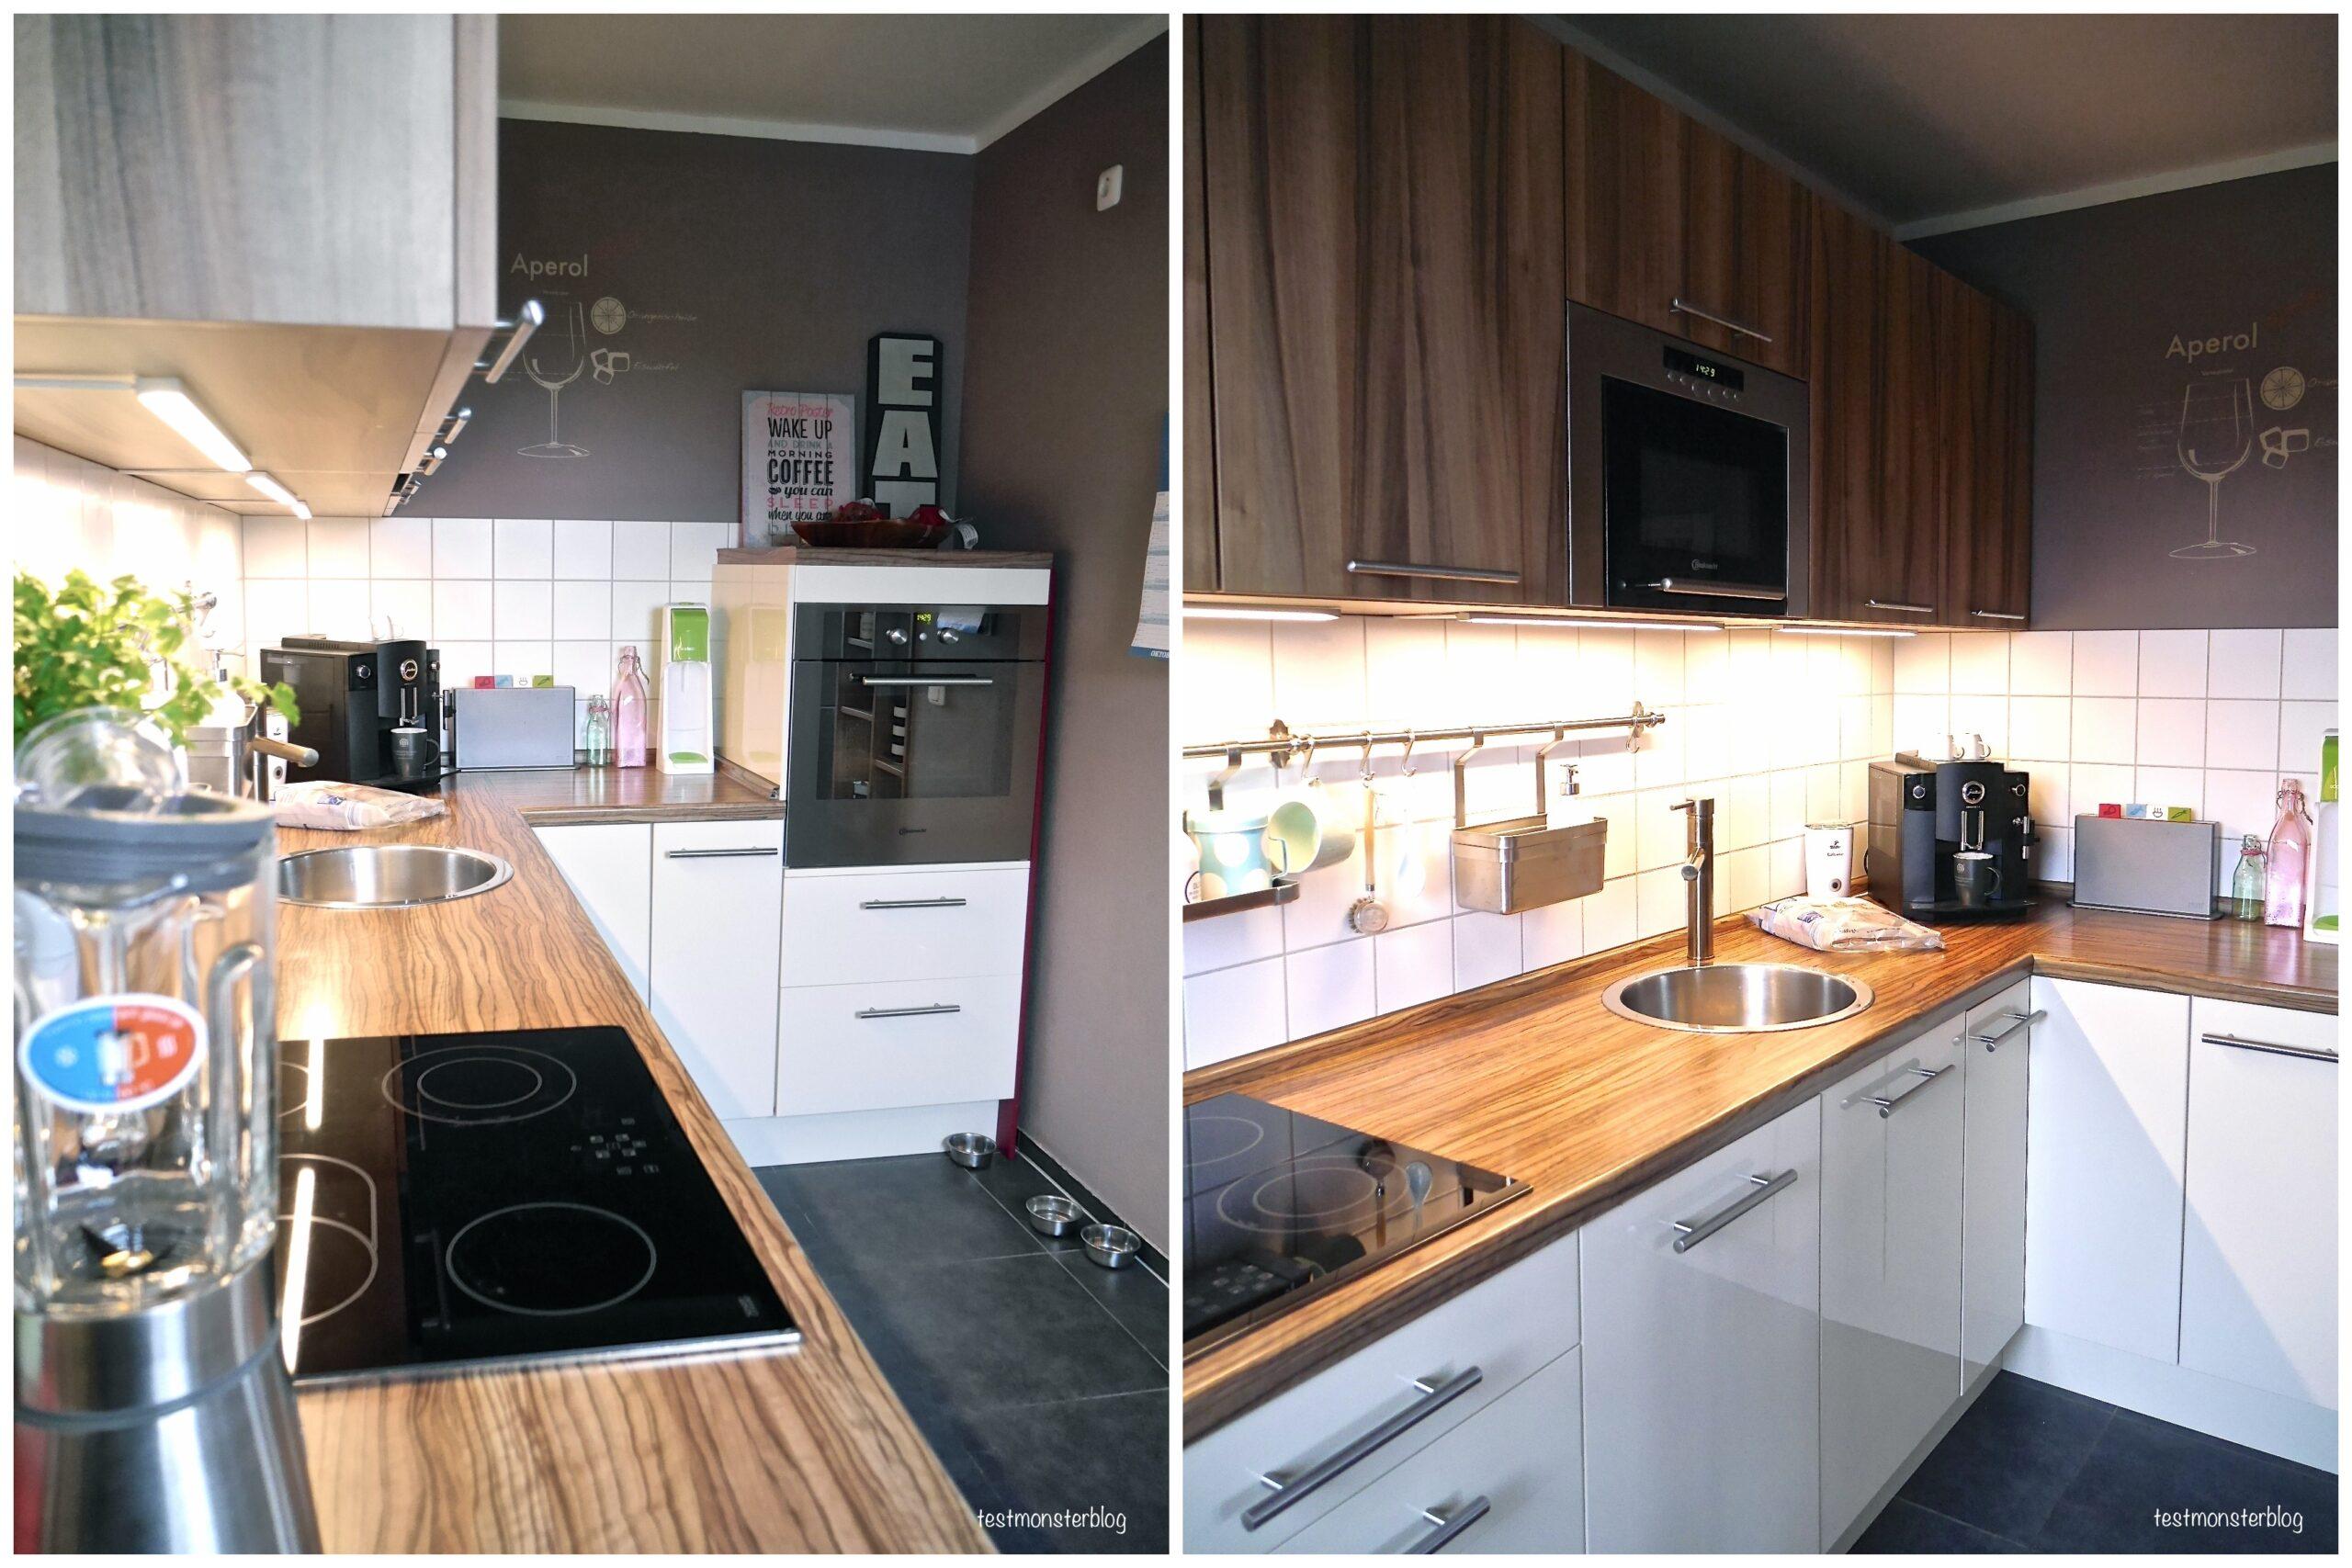 Full Size of Ringhult Ikea Kche Wei Metod Unterschrank Mit Bden Küche Kosten Modulküche Miniküche Kaufen Sofa Schlaffunktion Betten Bei 160x200 Wohnzimmer Ringhult Ikea